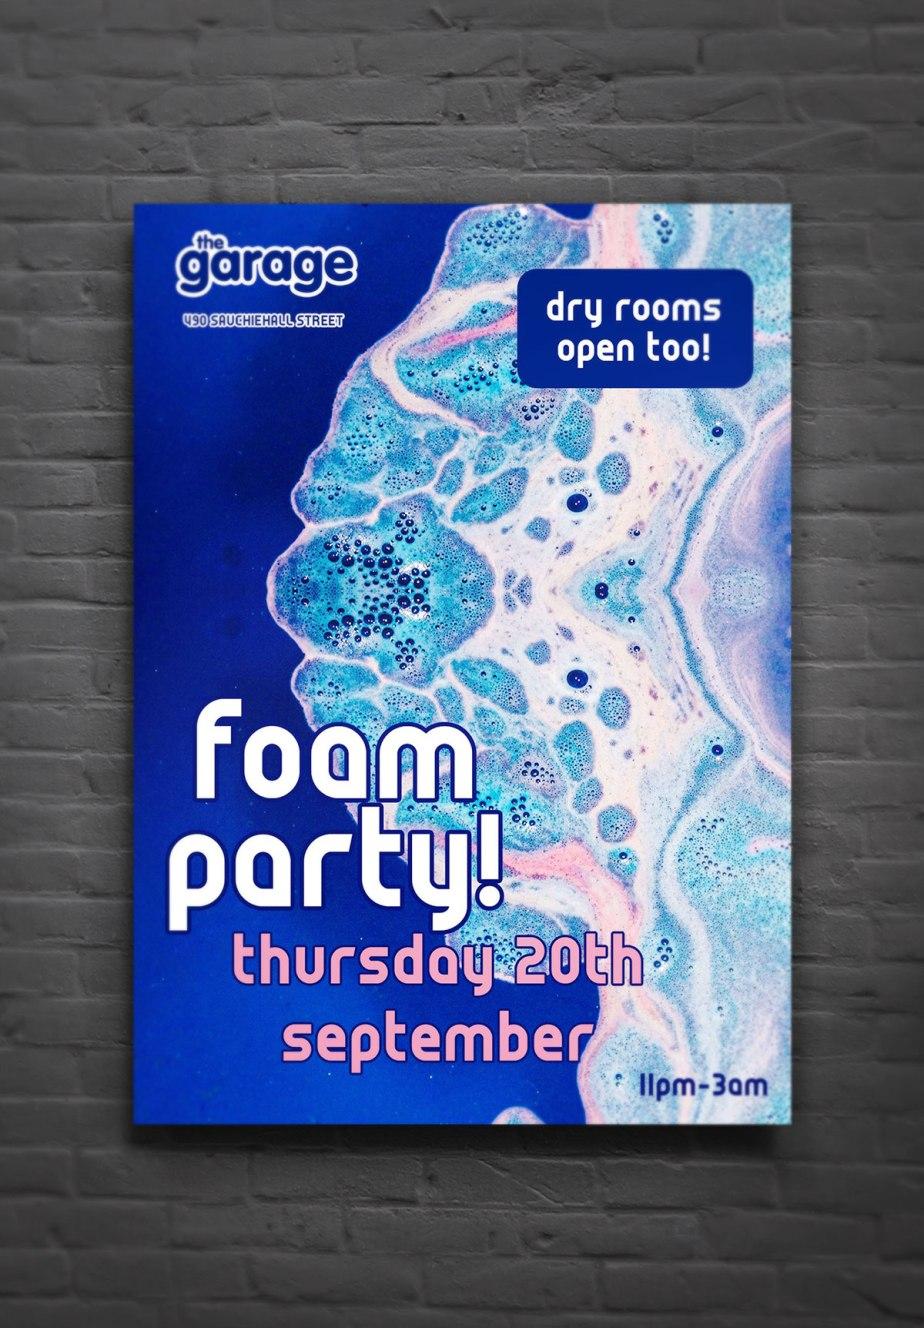 Garage_foam